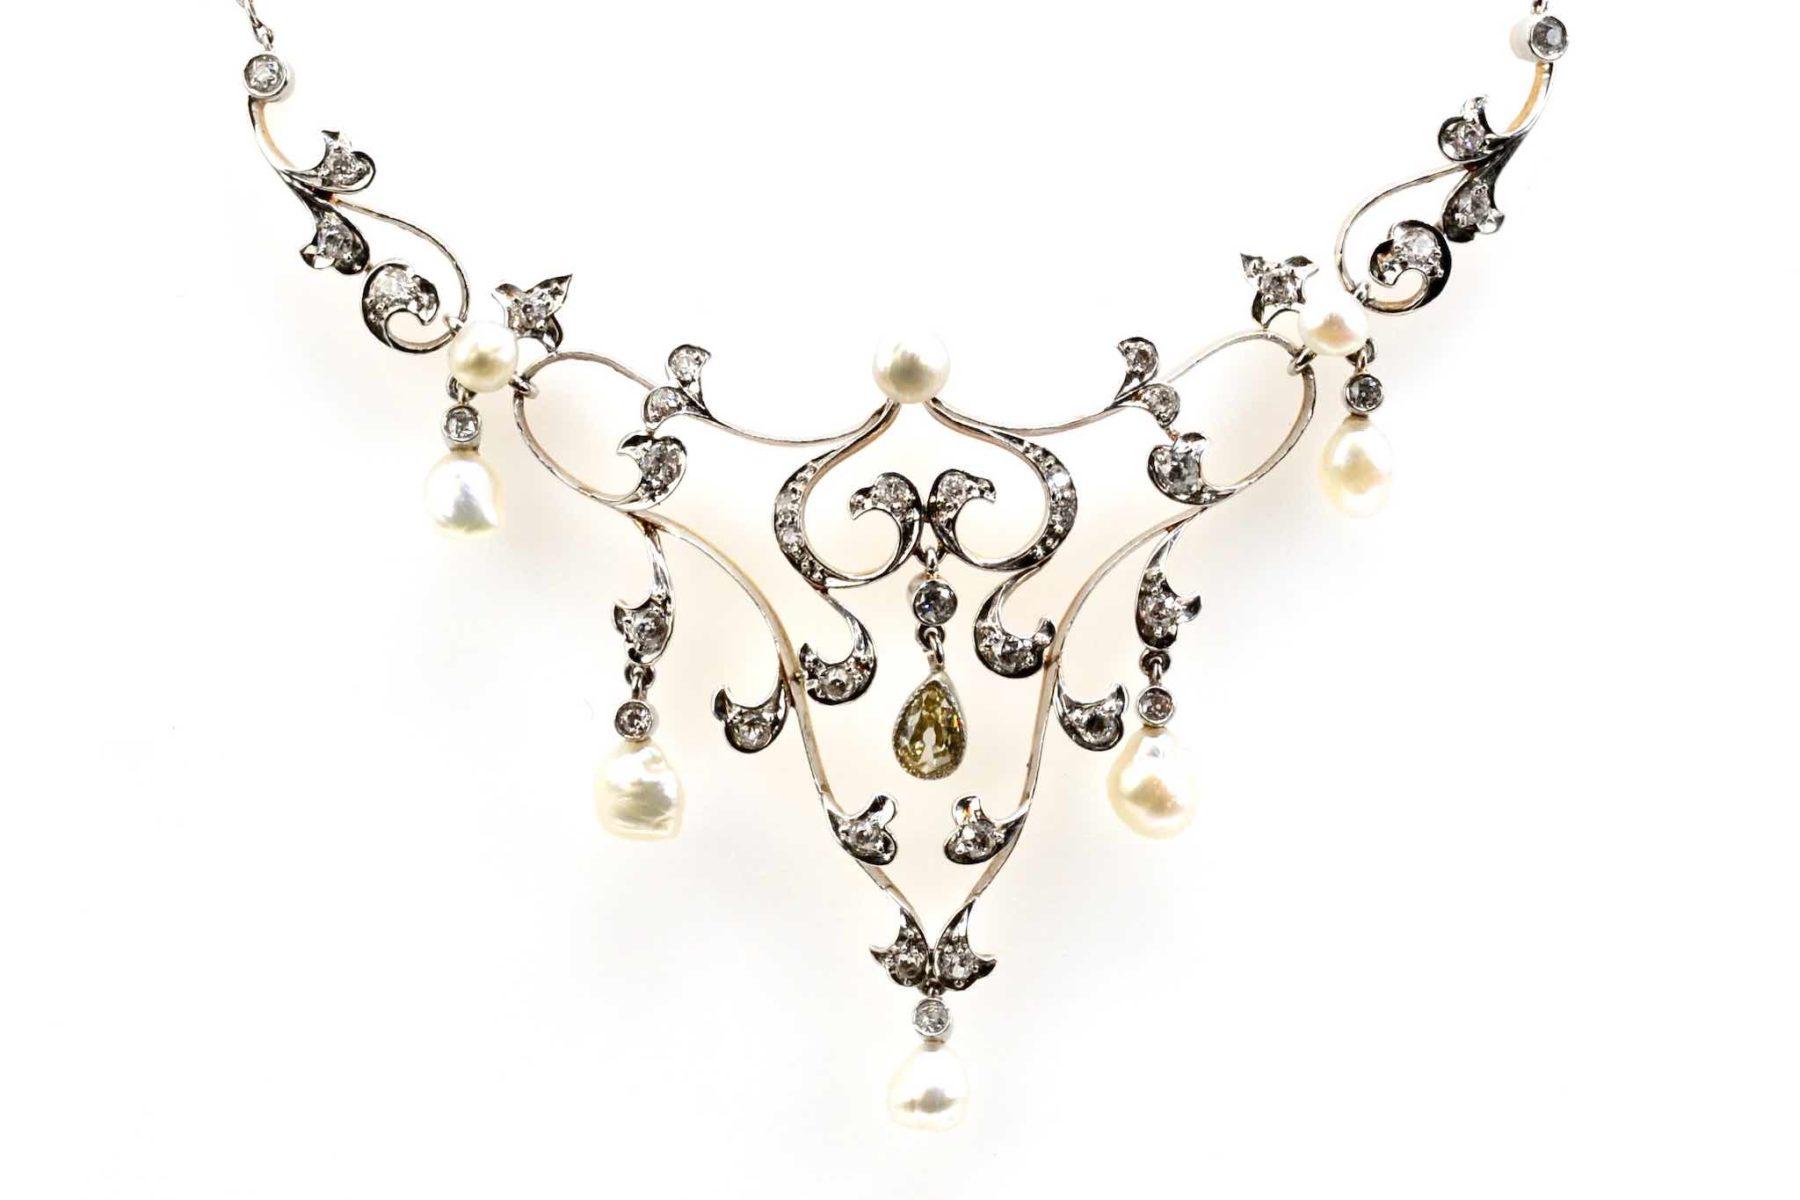 pendentif 19e perles fines